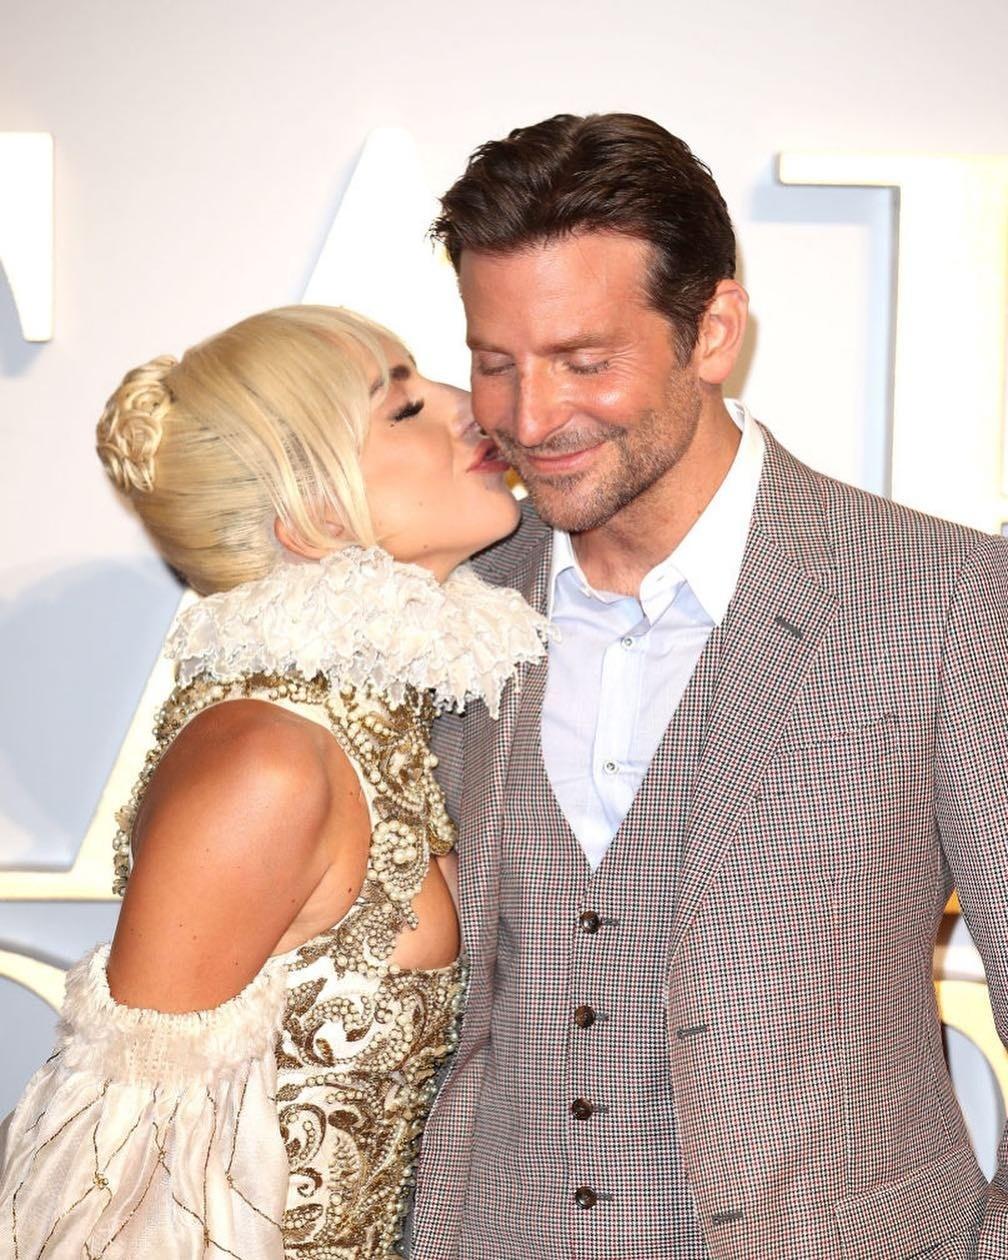 Но, к своему несчастью, Гага - настоящая перфекционистка и это очень мешает ей найти счастье в личной жизни. Ясновидящая сообщила, что в будущем этого счастья также не предполагается. Иде...